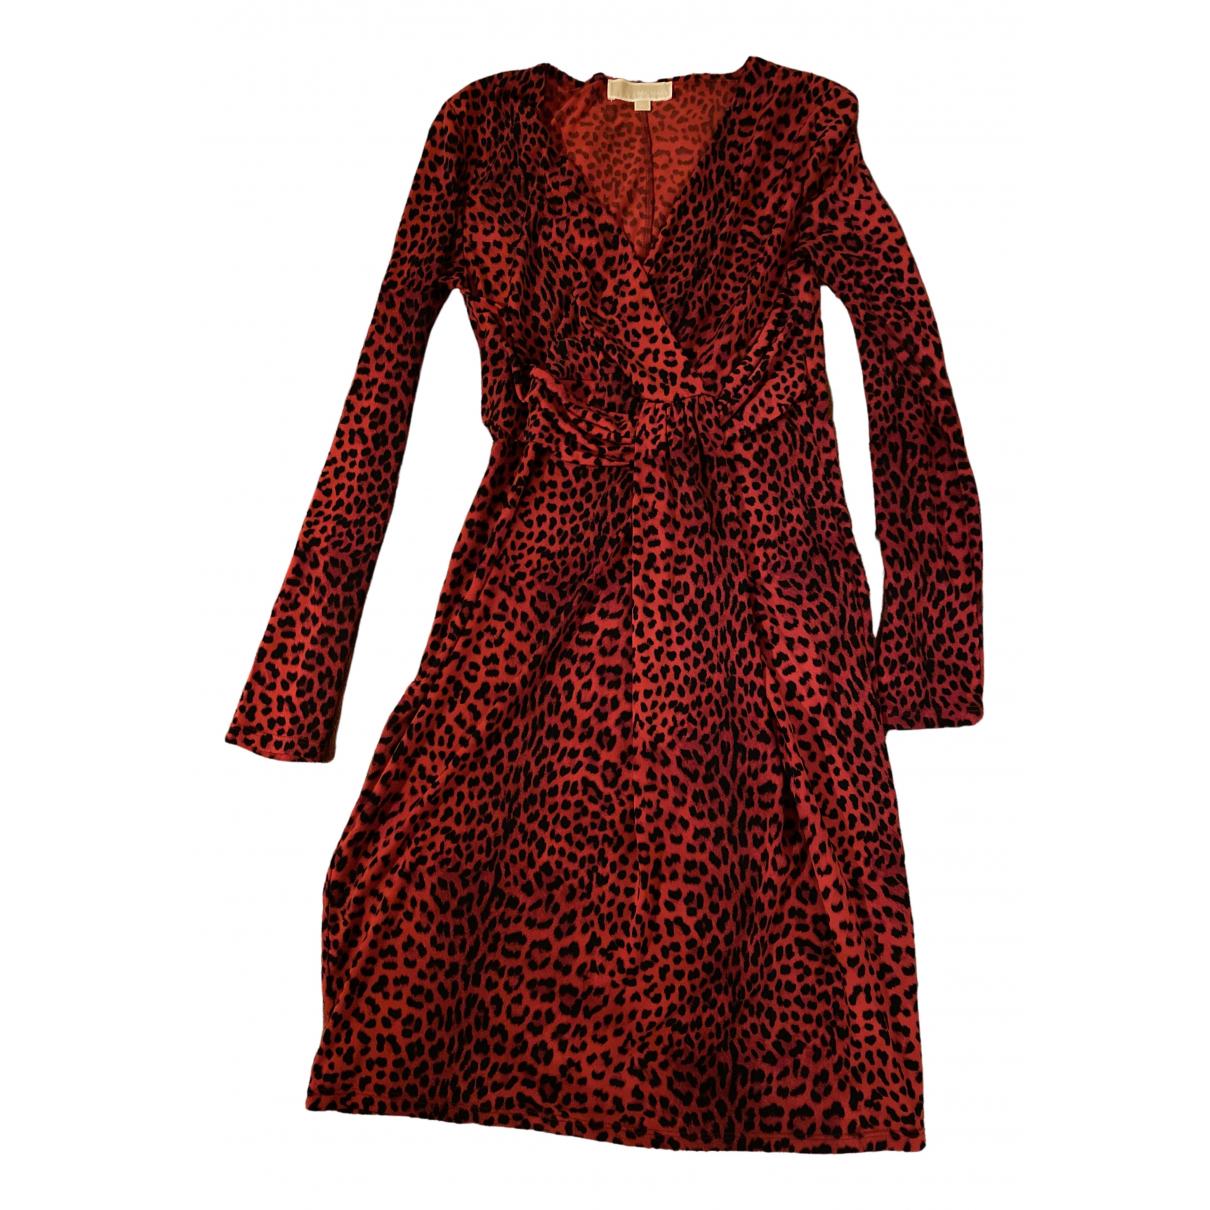 Michael Kors \N Kleid in  Rot Polyester